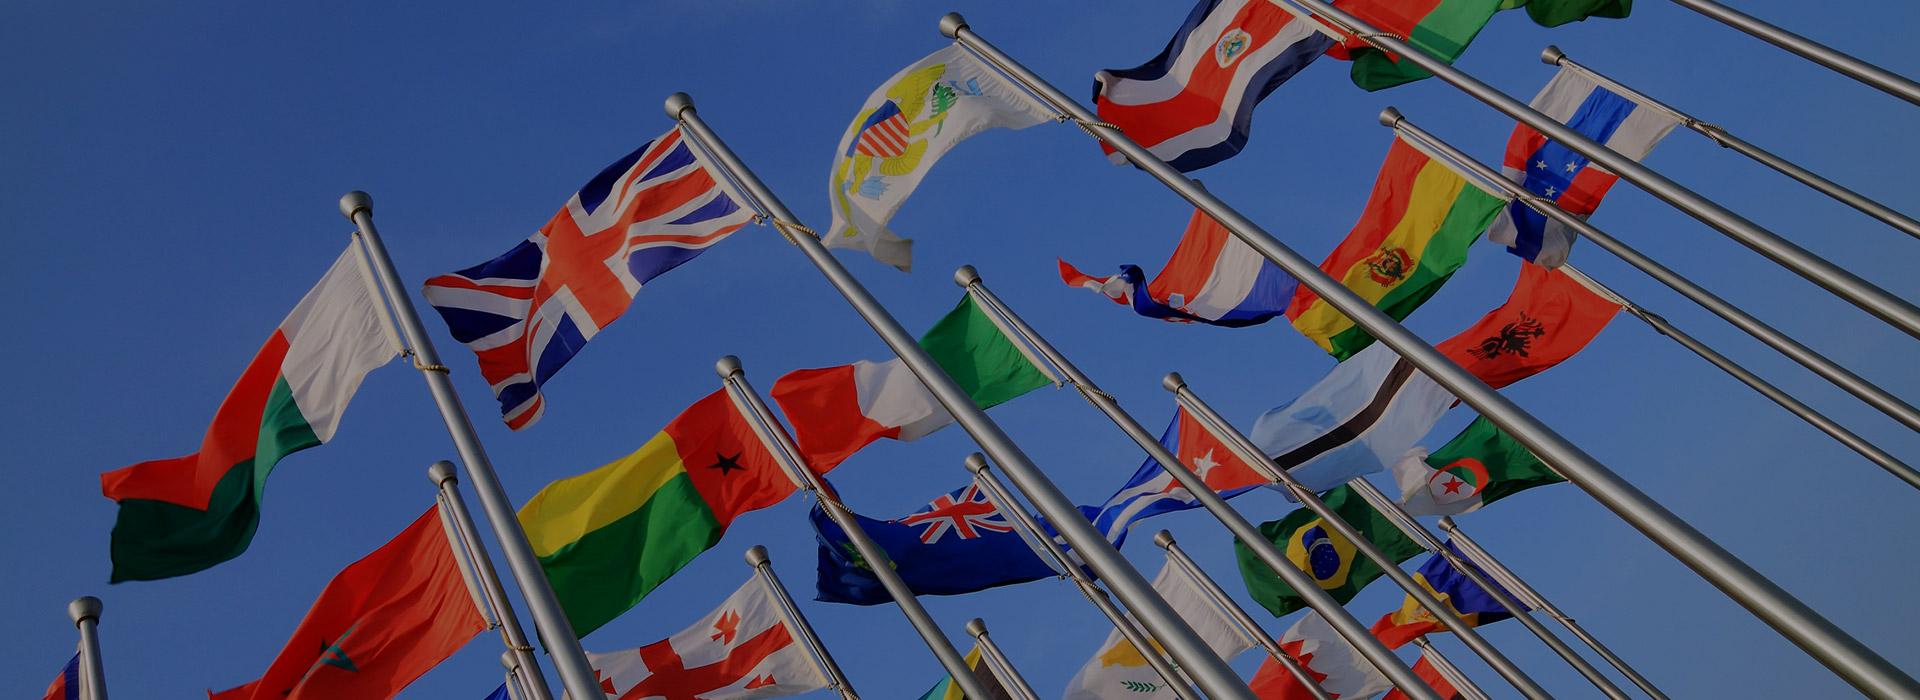 Exporting Worldwide